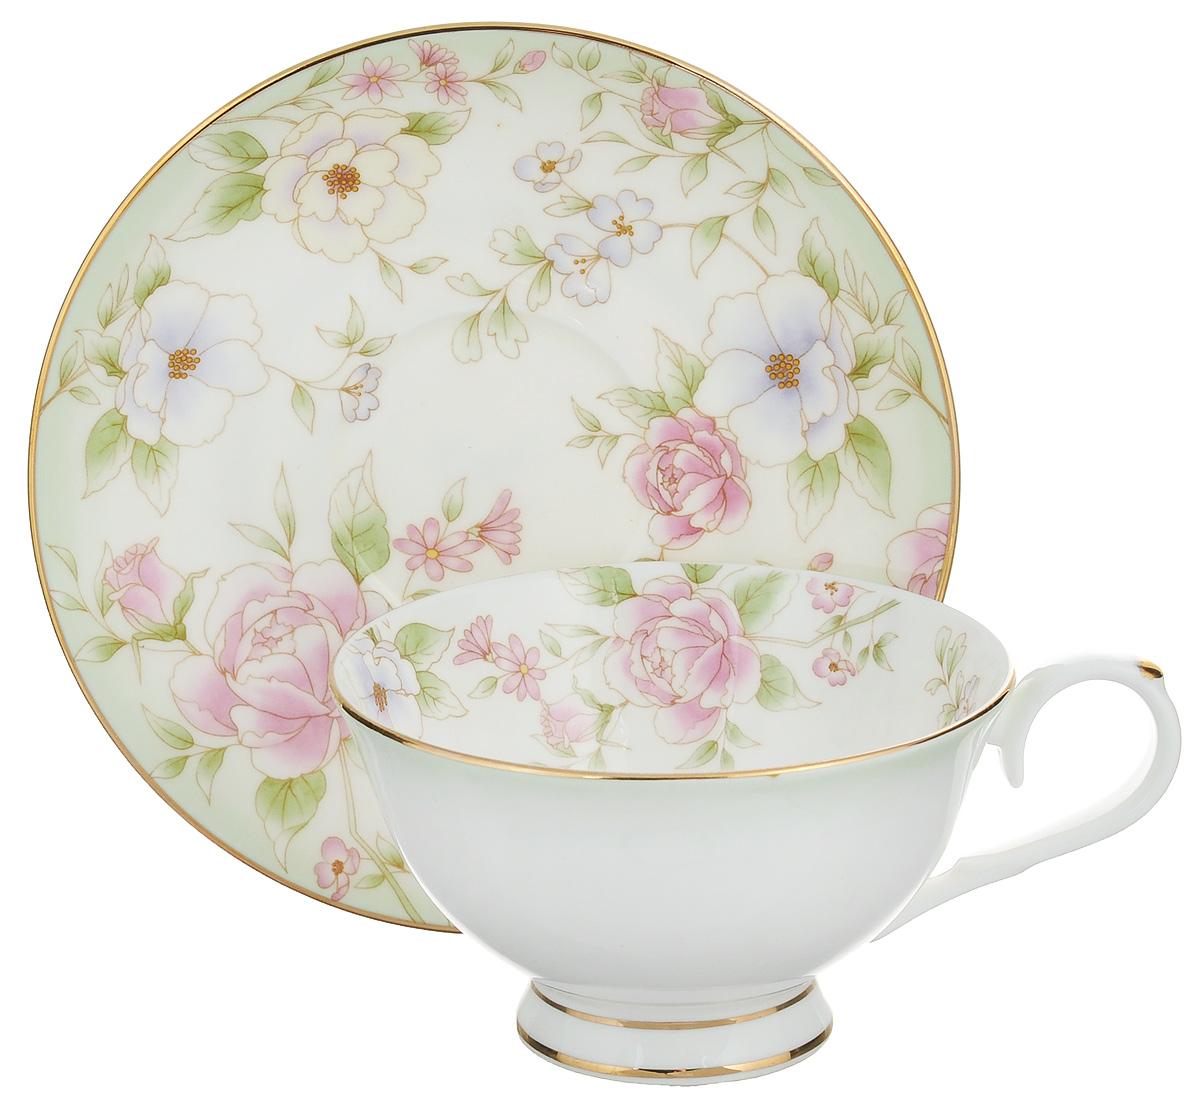 Чайная пара Elan Gallery Карнавал цветов, 2 предмета чайная пара elan gallery сиреневый туман 2 предмета